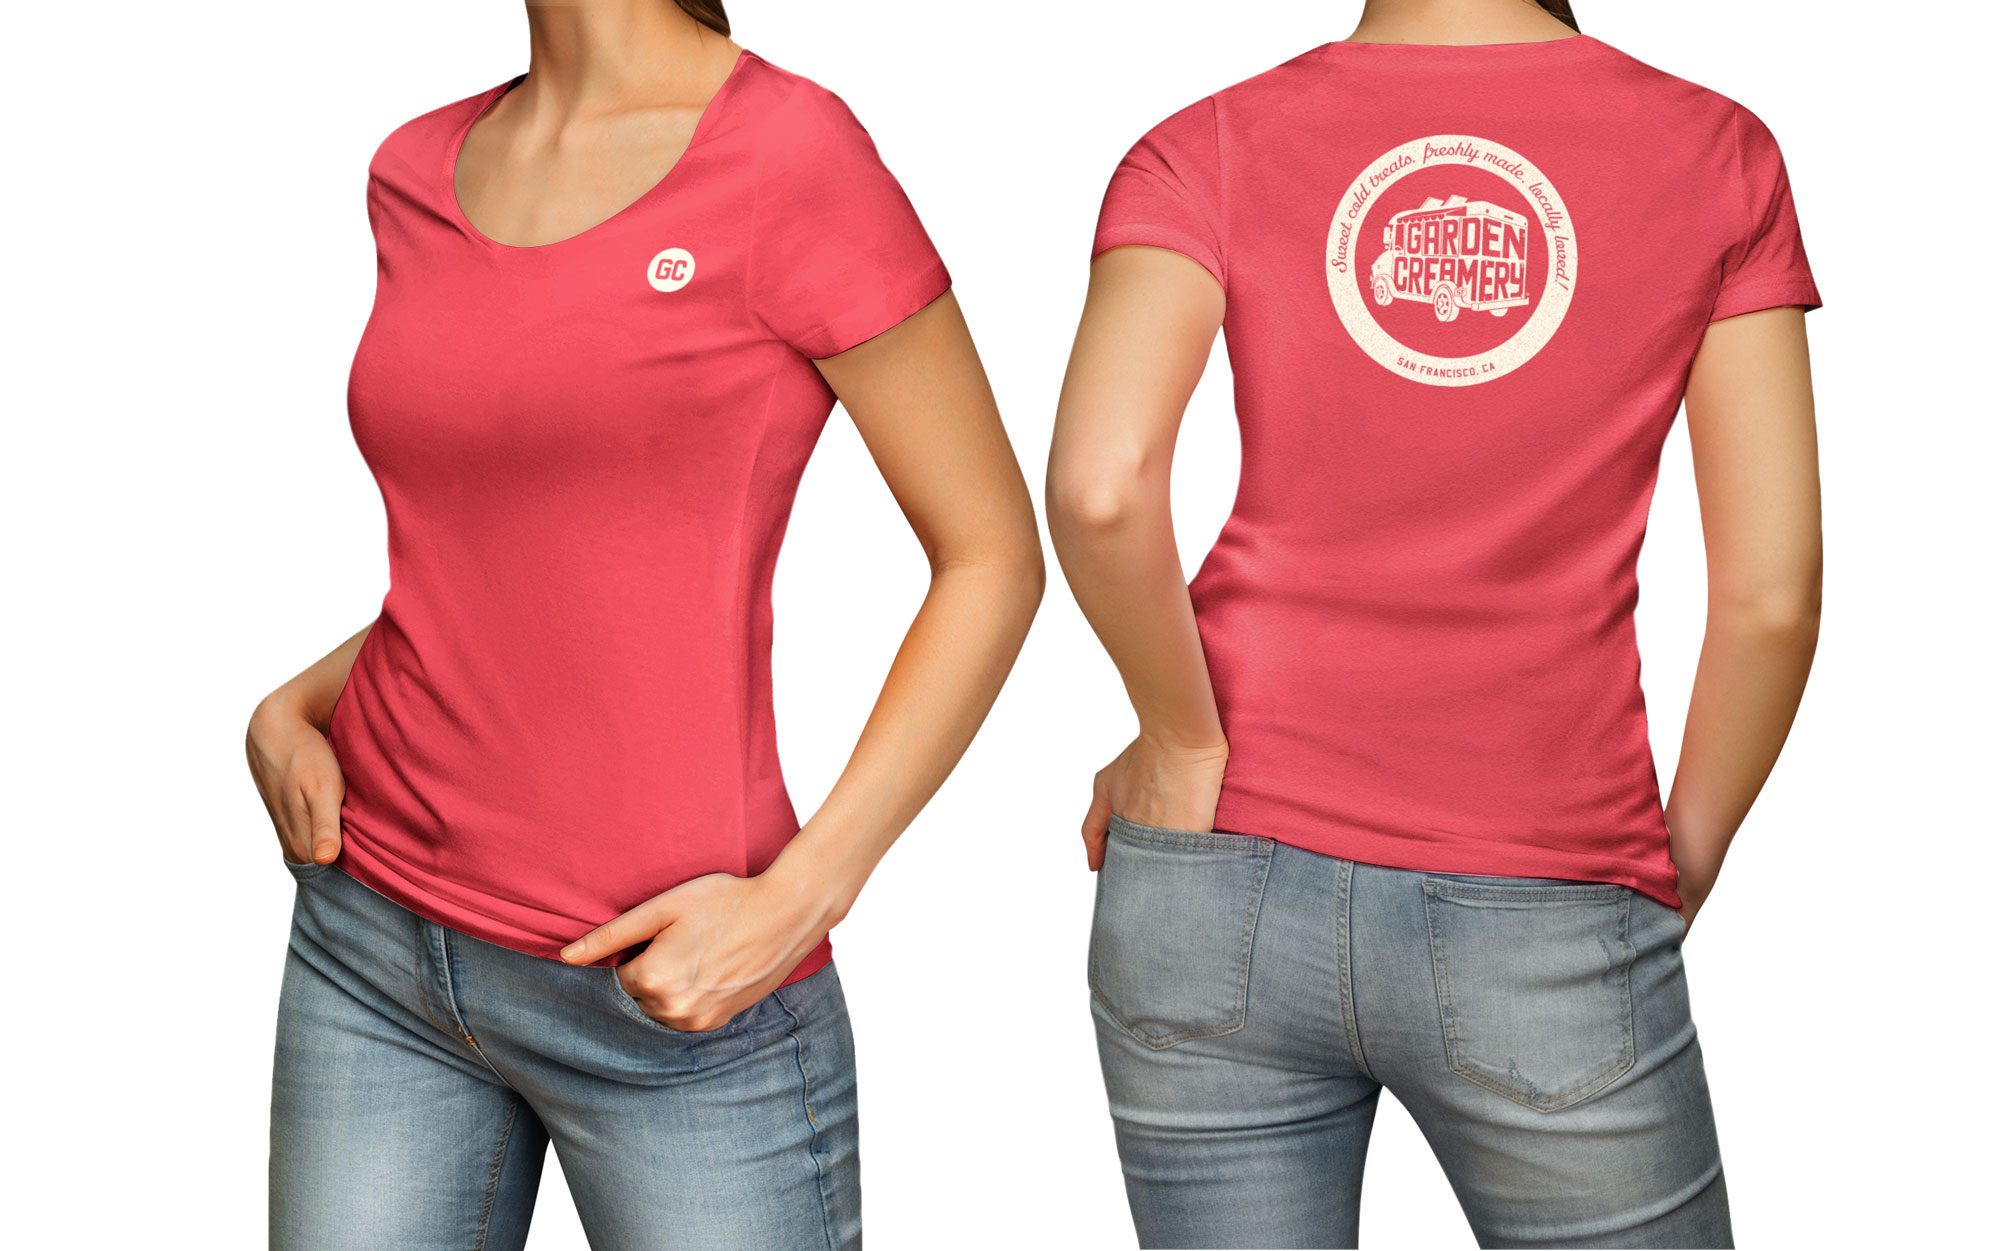 Garden Creamery women's t-shirt on model